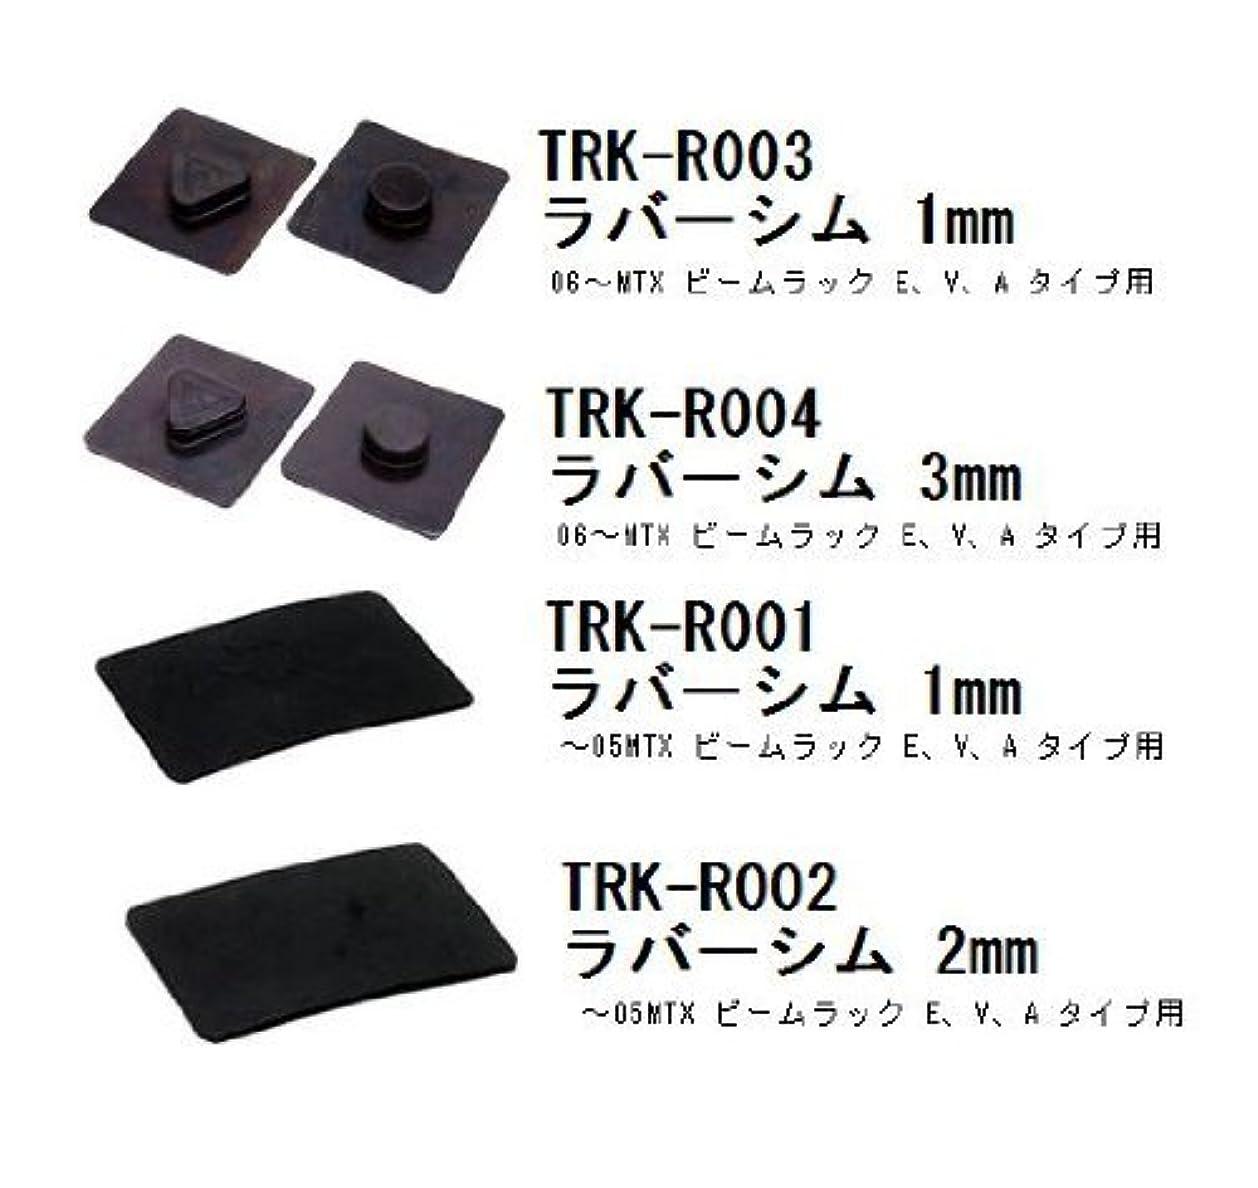 あえてどのくらいの頻度で調停者TOPEAK(トピーク) ラバーシム TRK-R004 '06MTX ビームラック E、V、A タイプ 3mm